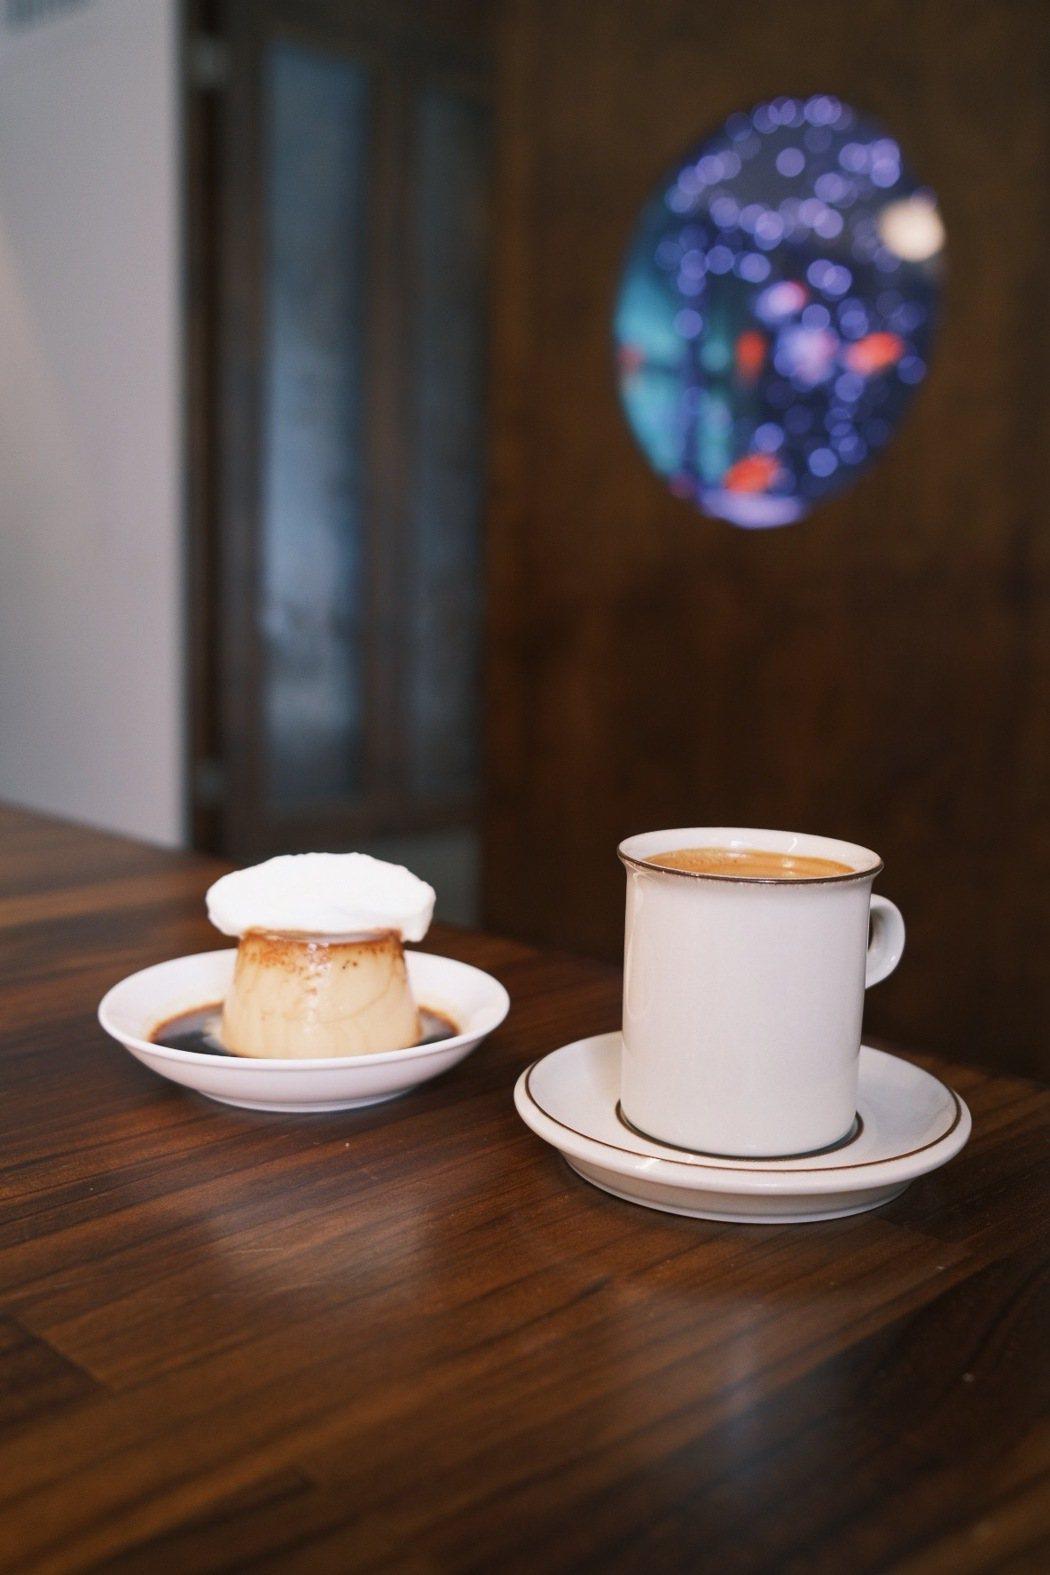 蘭姆酒焦糖布丁與黑咖啡。 圖/江佩君攝影